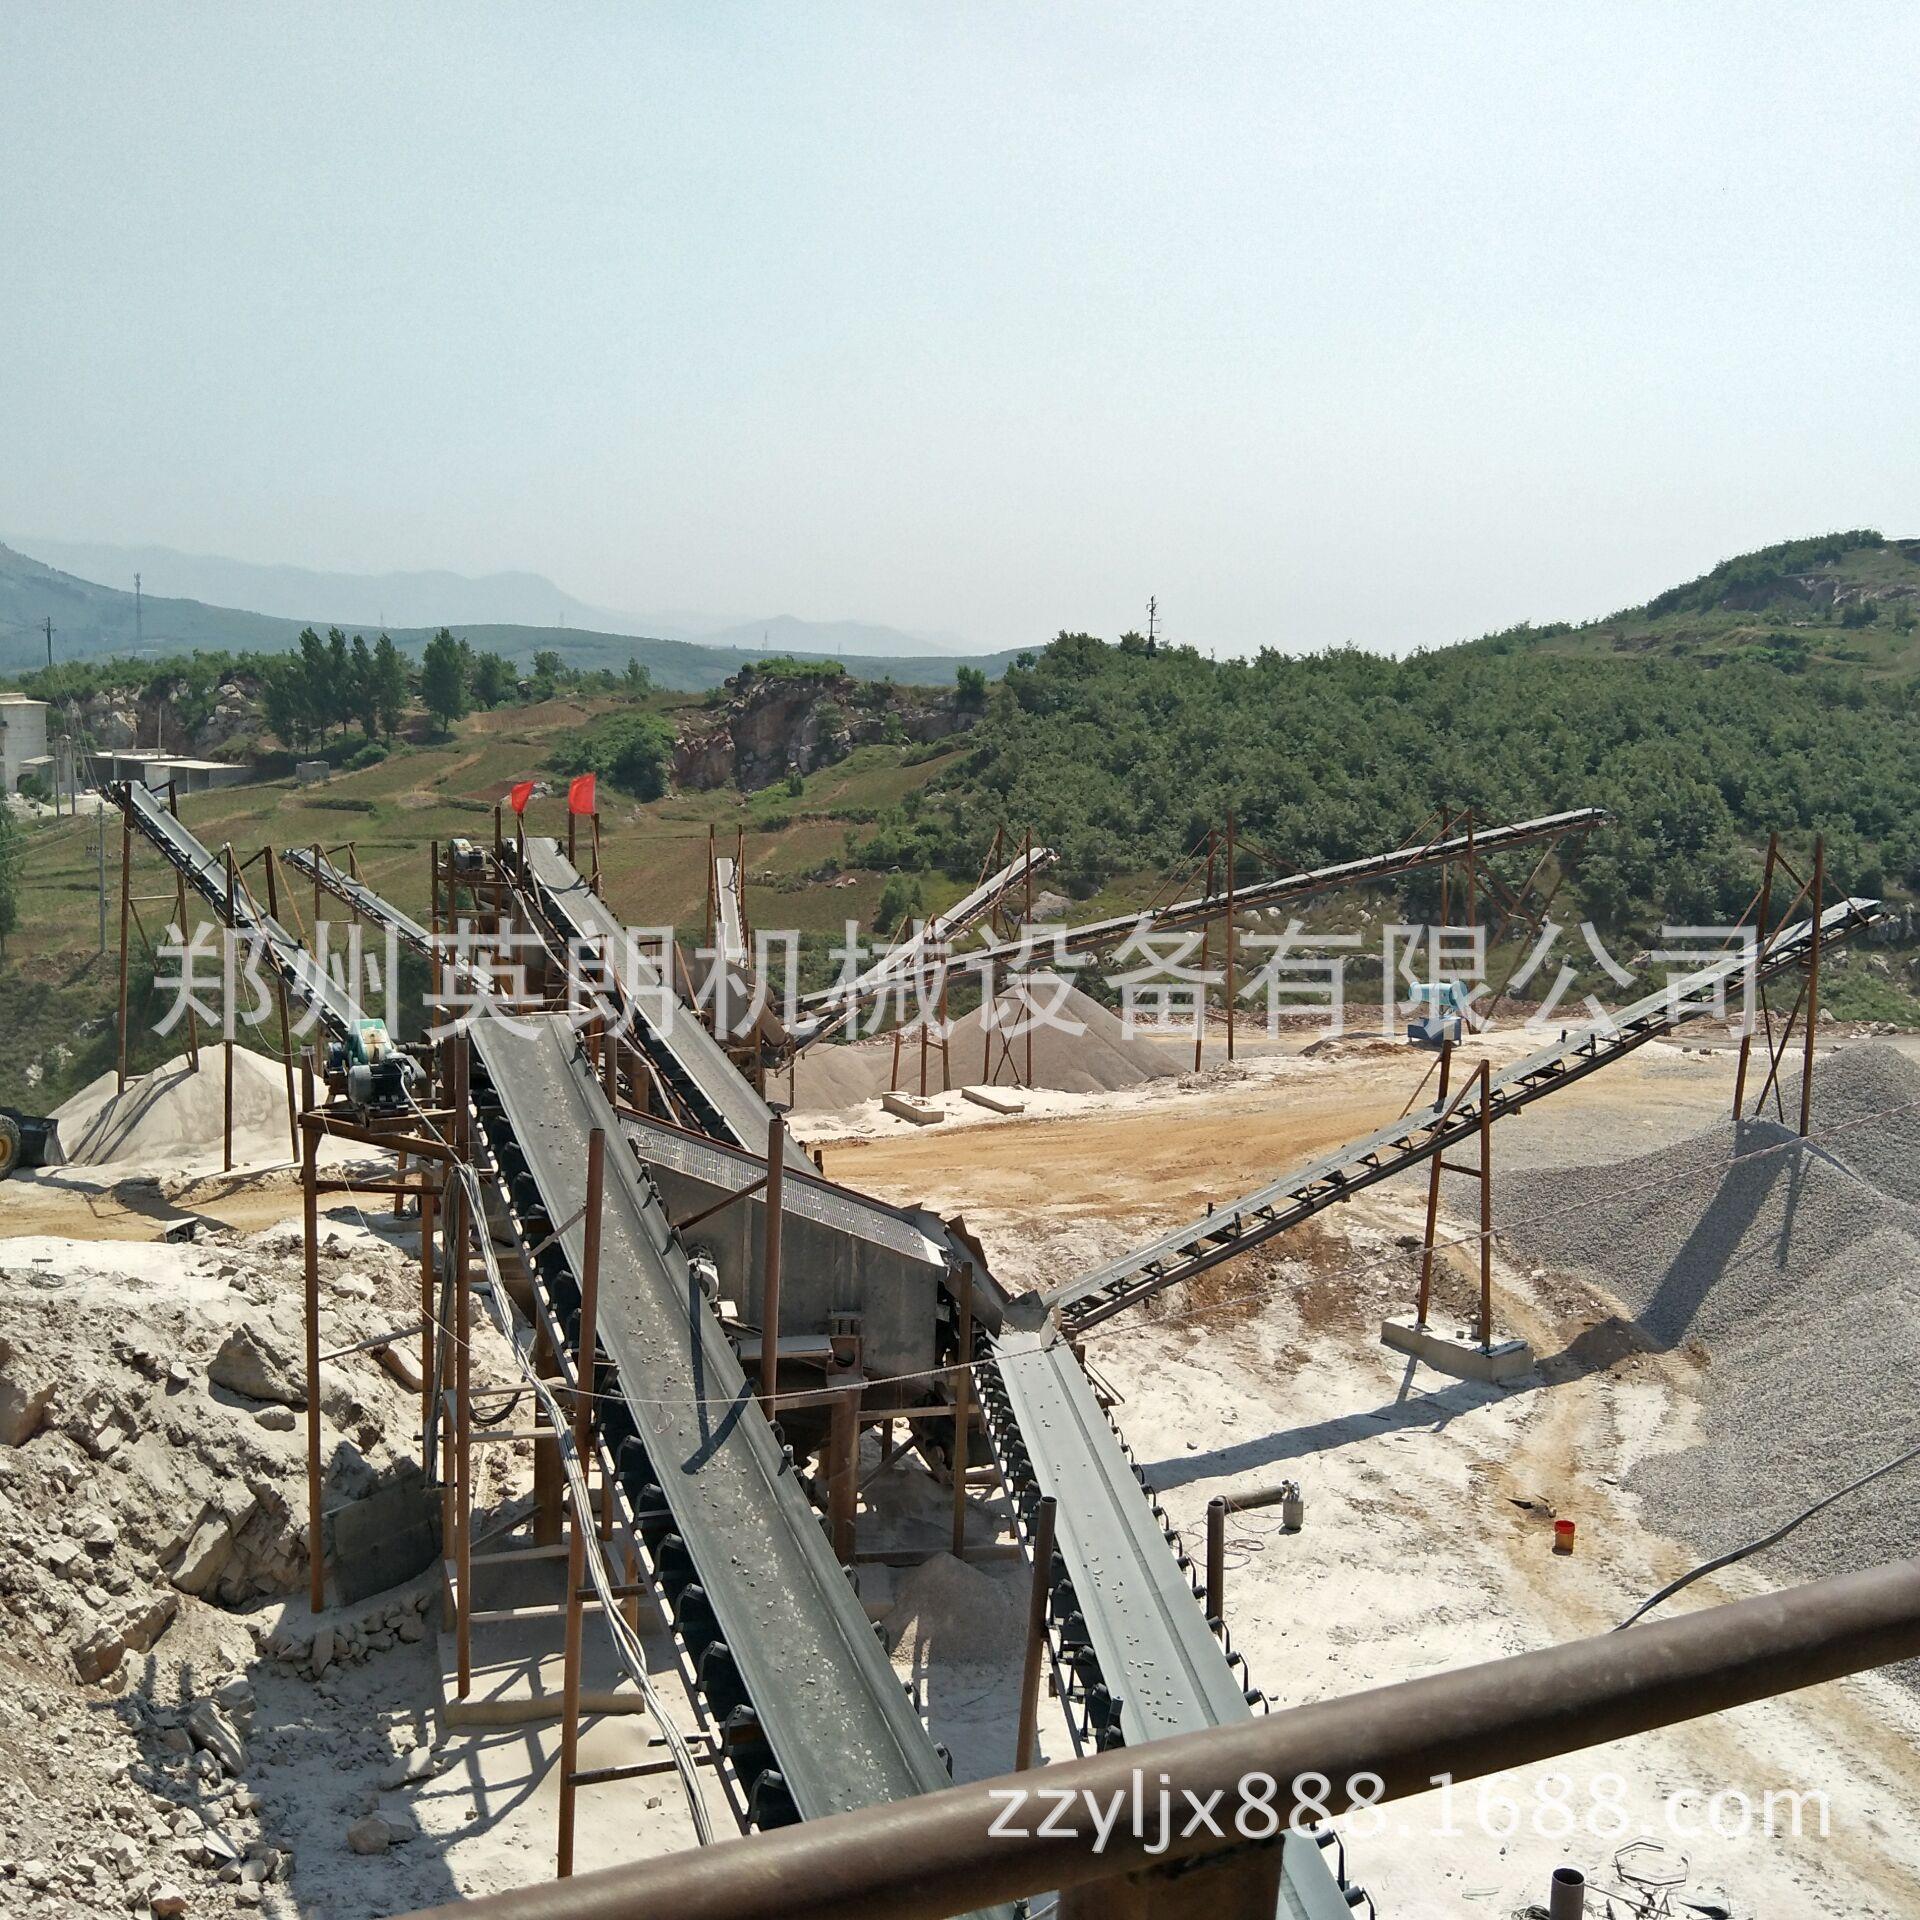 新型高效石料生产线 石料制砂生产线 花岗岩矿石破碎生产线报价示例图13